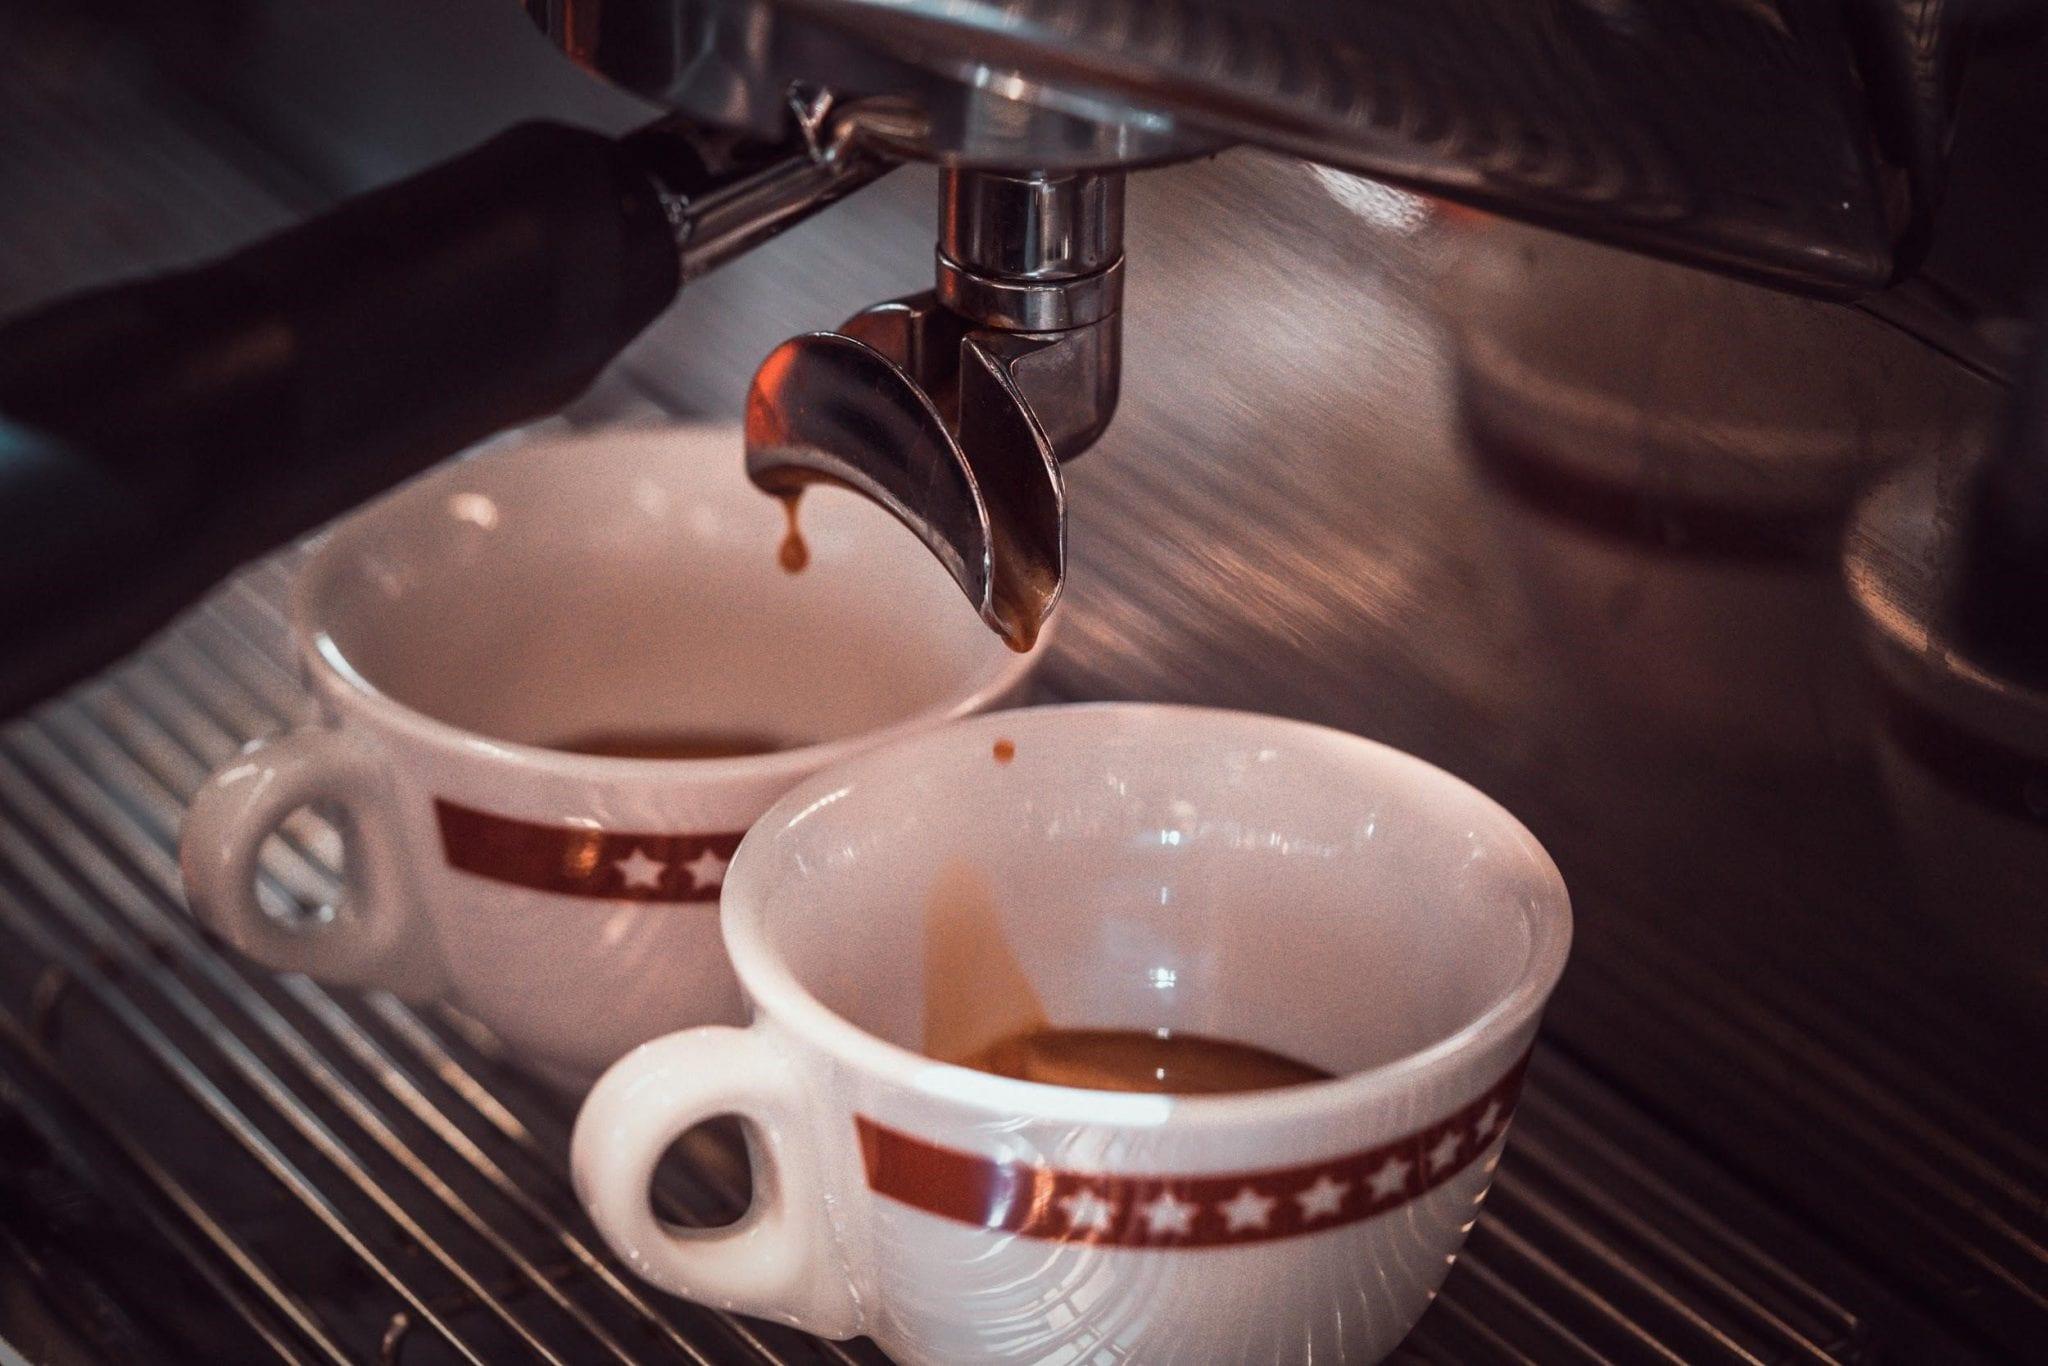 pulling espressos